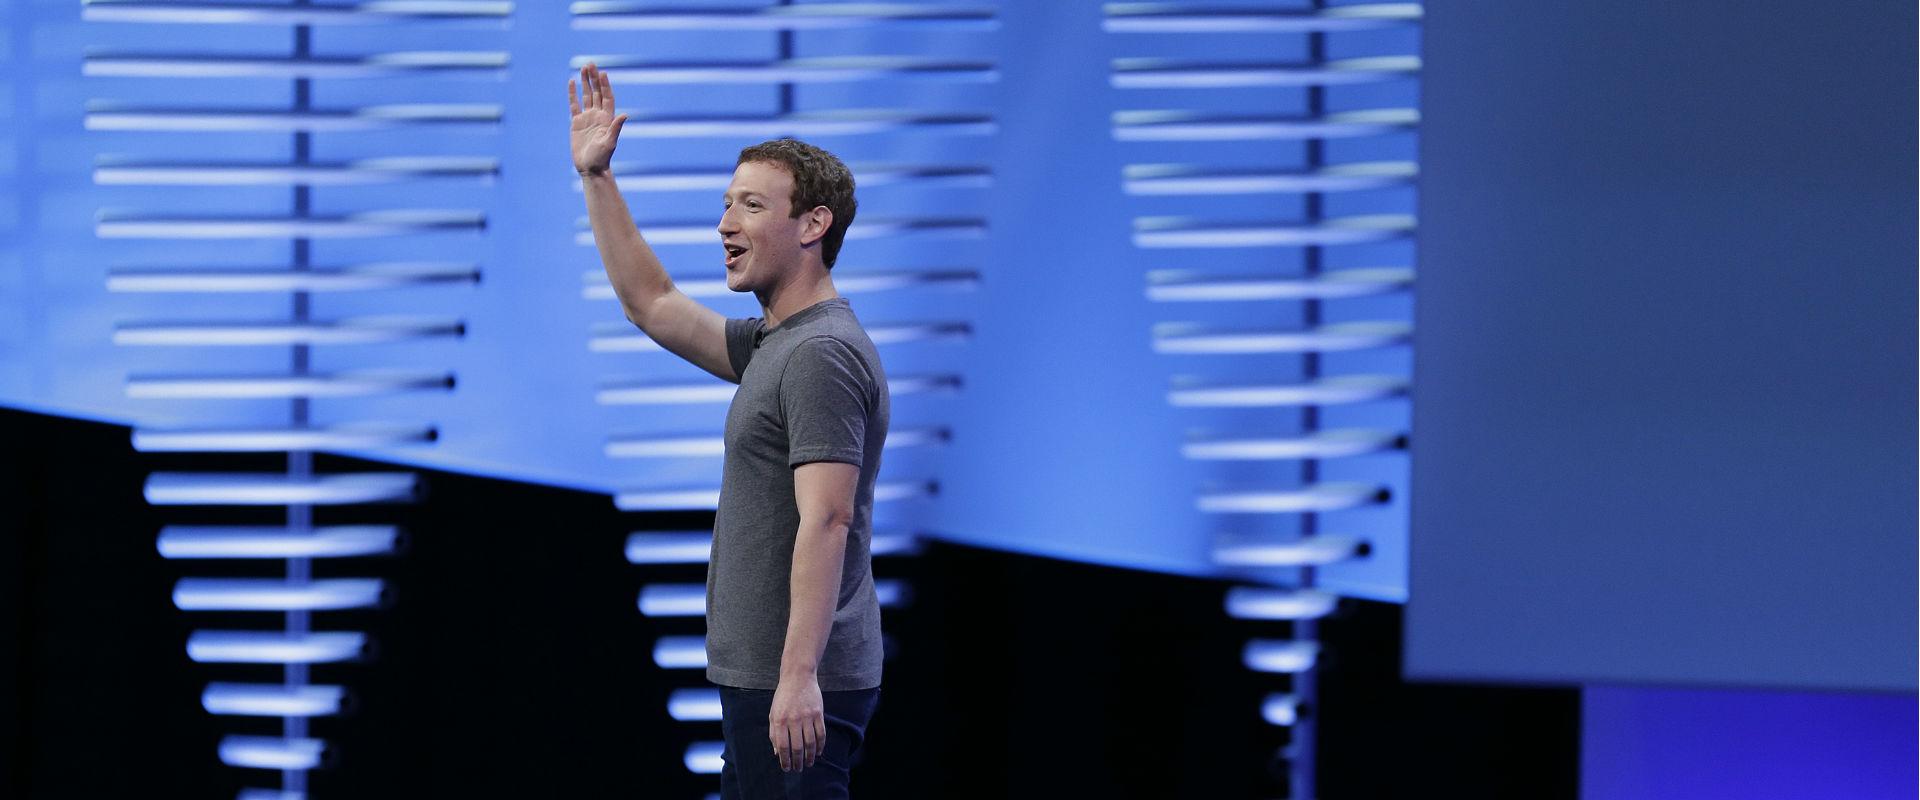 מארק צוקרברג, מייסד פייסבוק